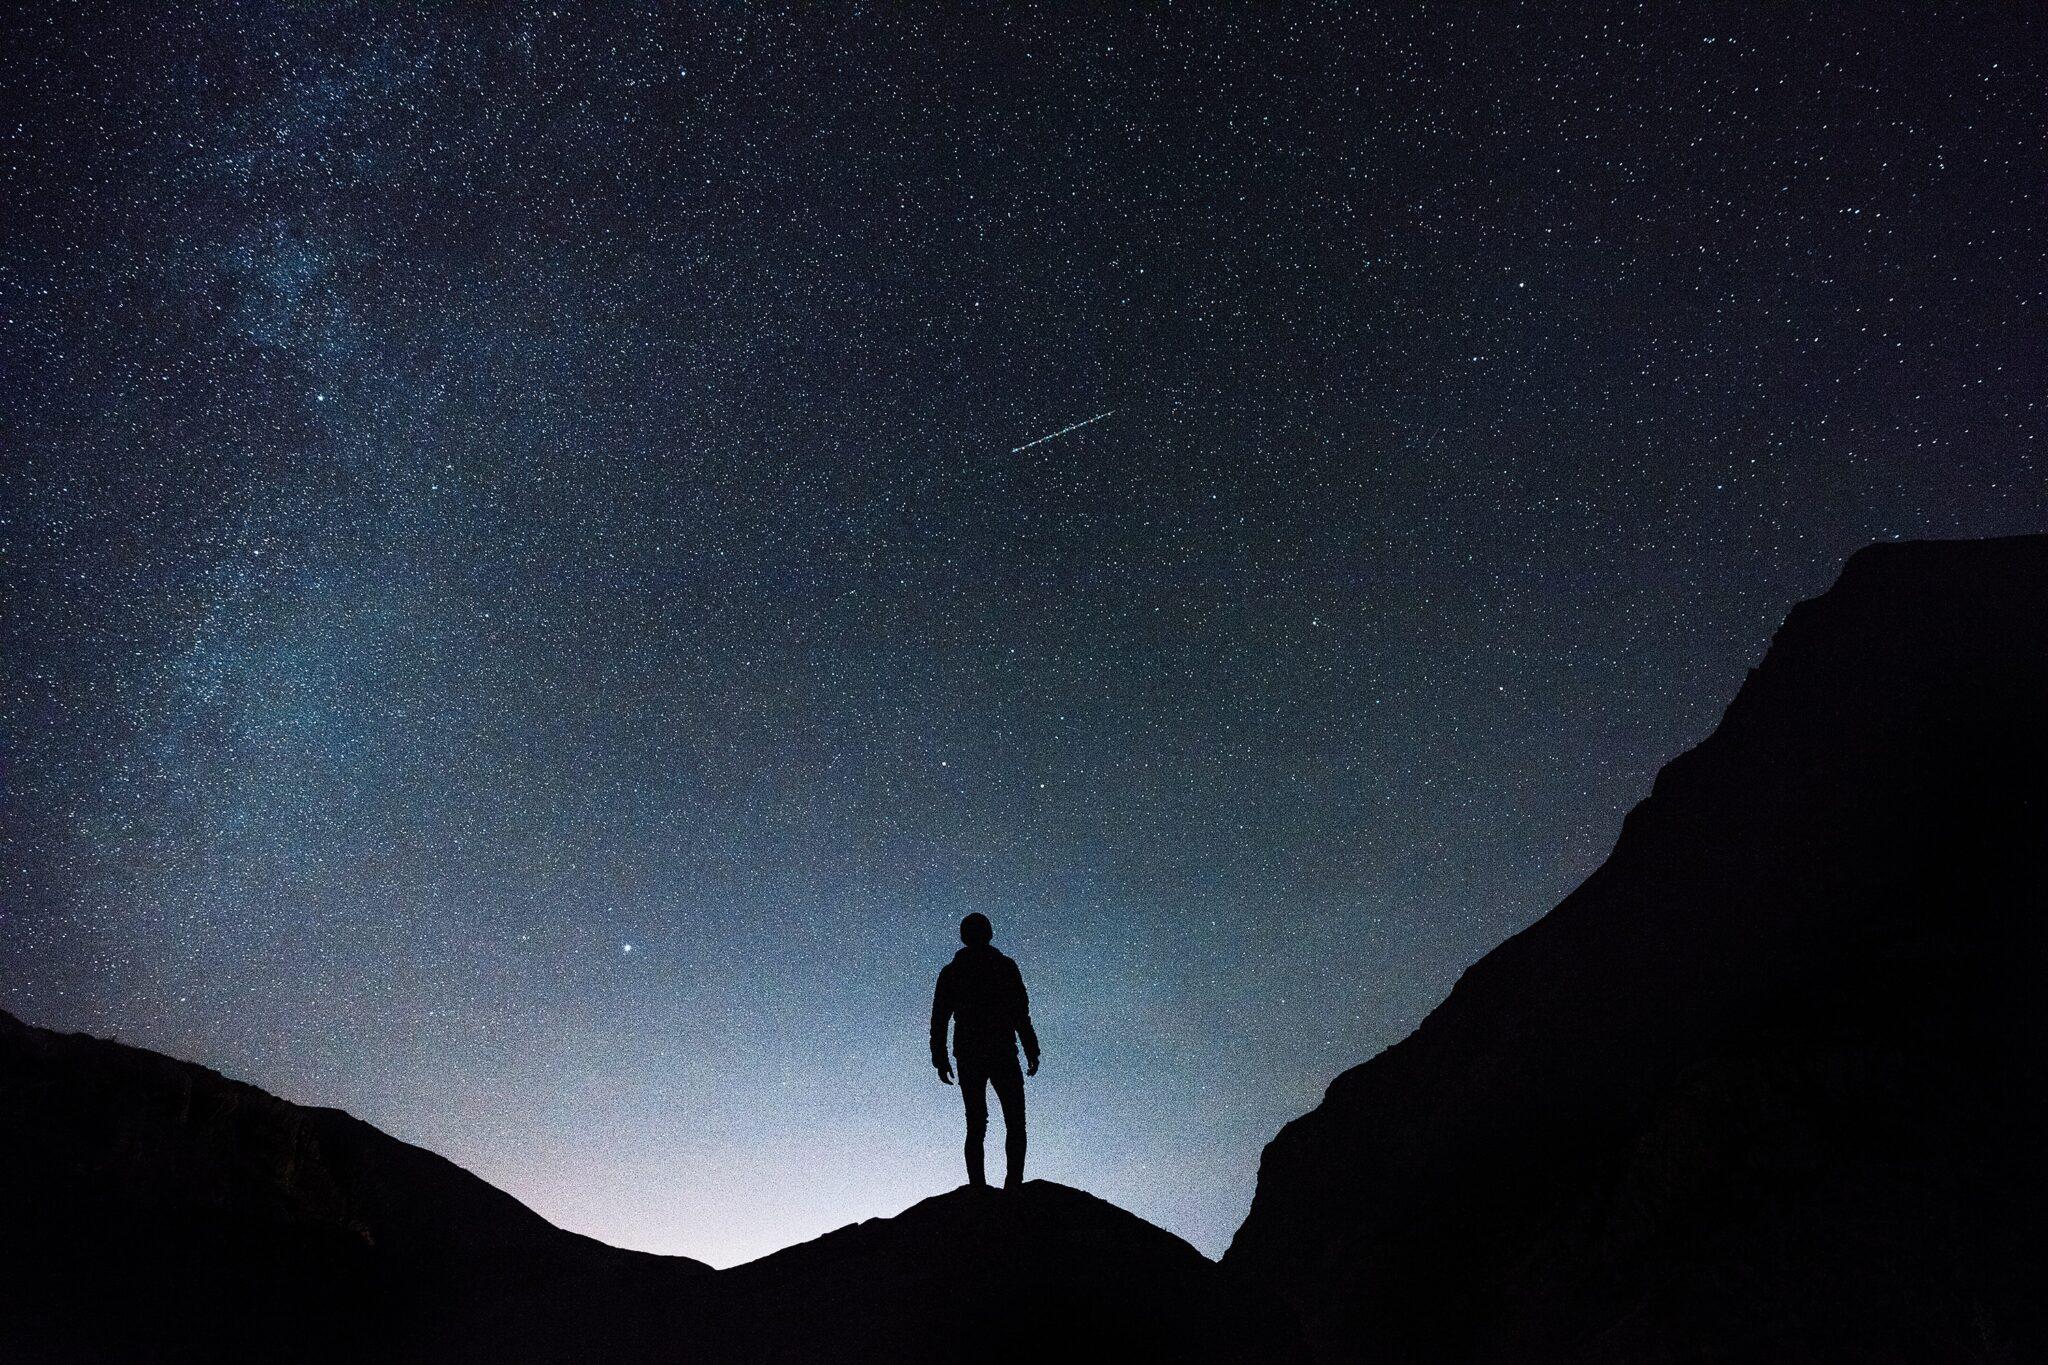 Ein Mensch steht unter dem Sternenhimmel und schaut auf einen Kometenschweif